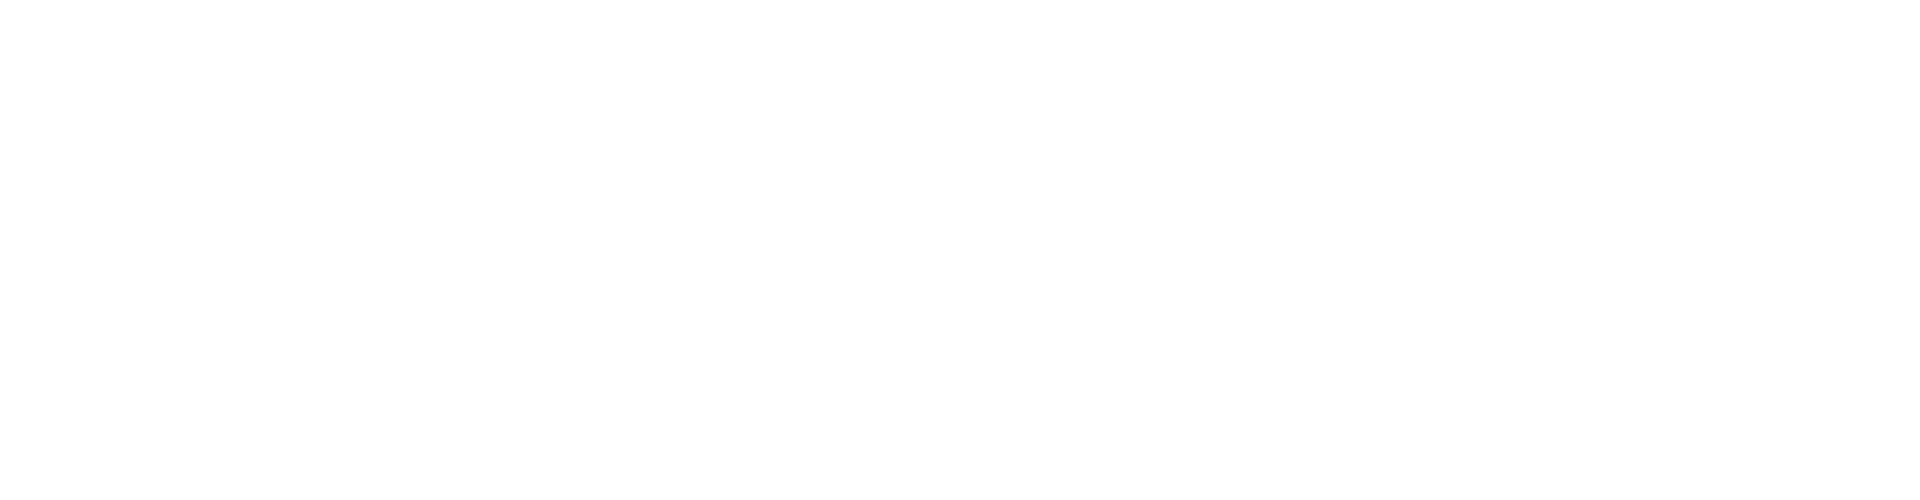 01-logo-3.png